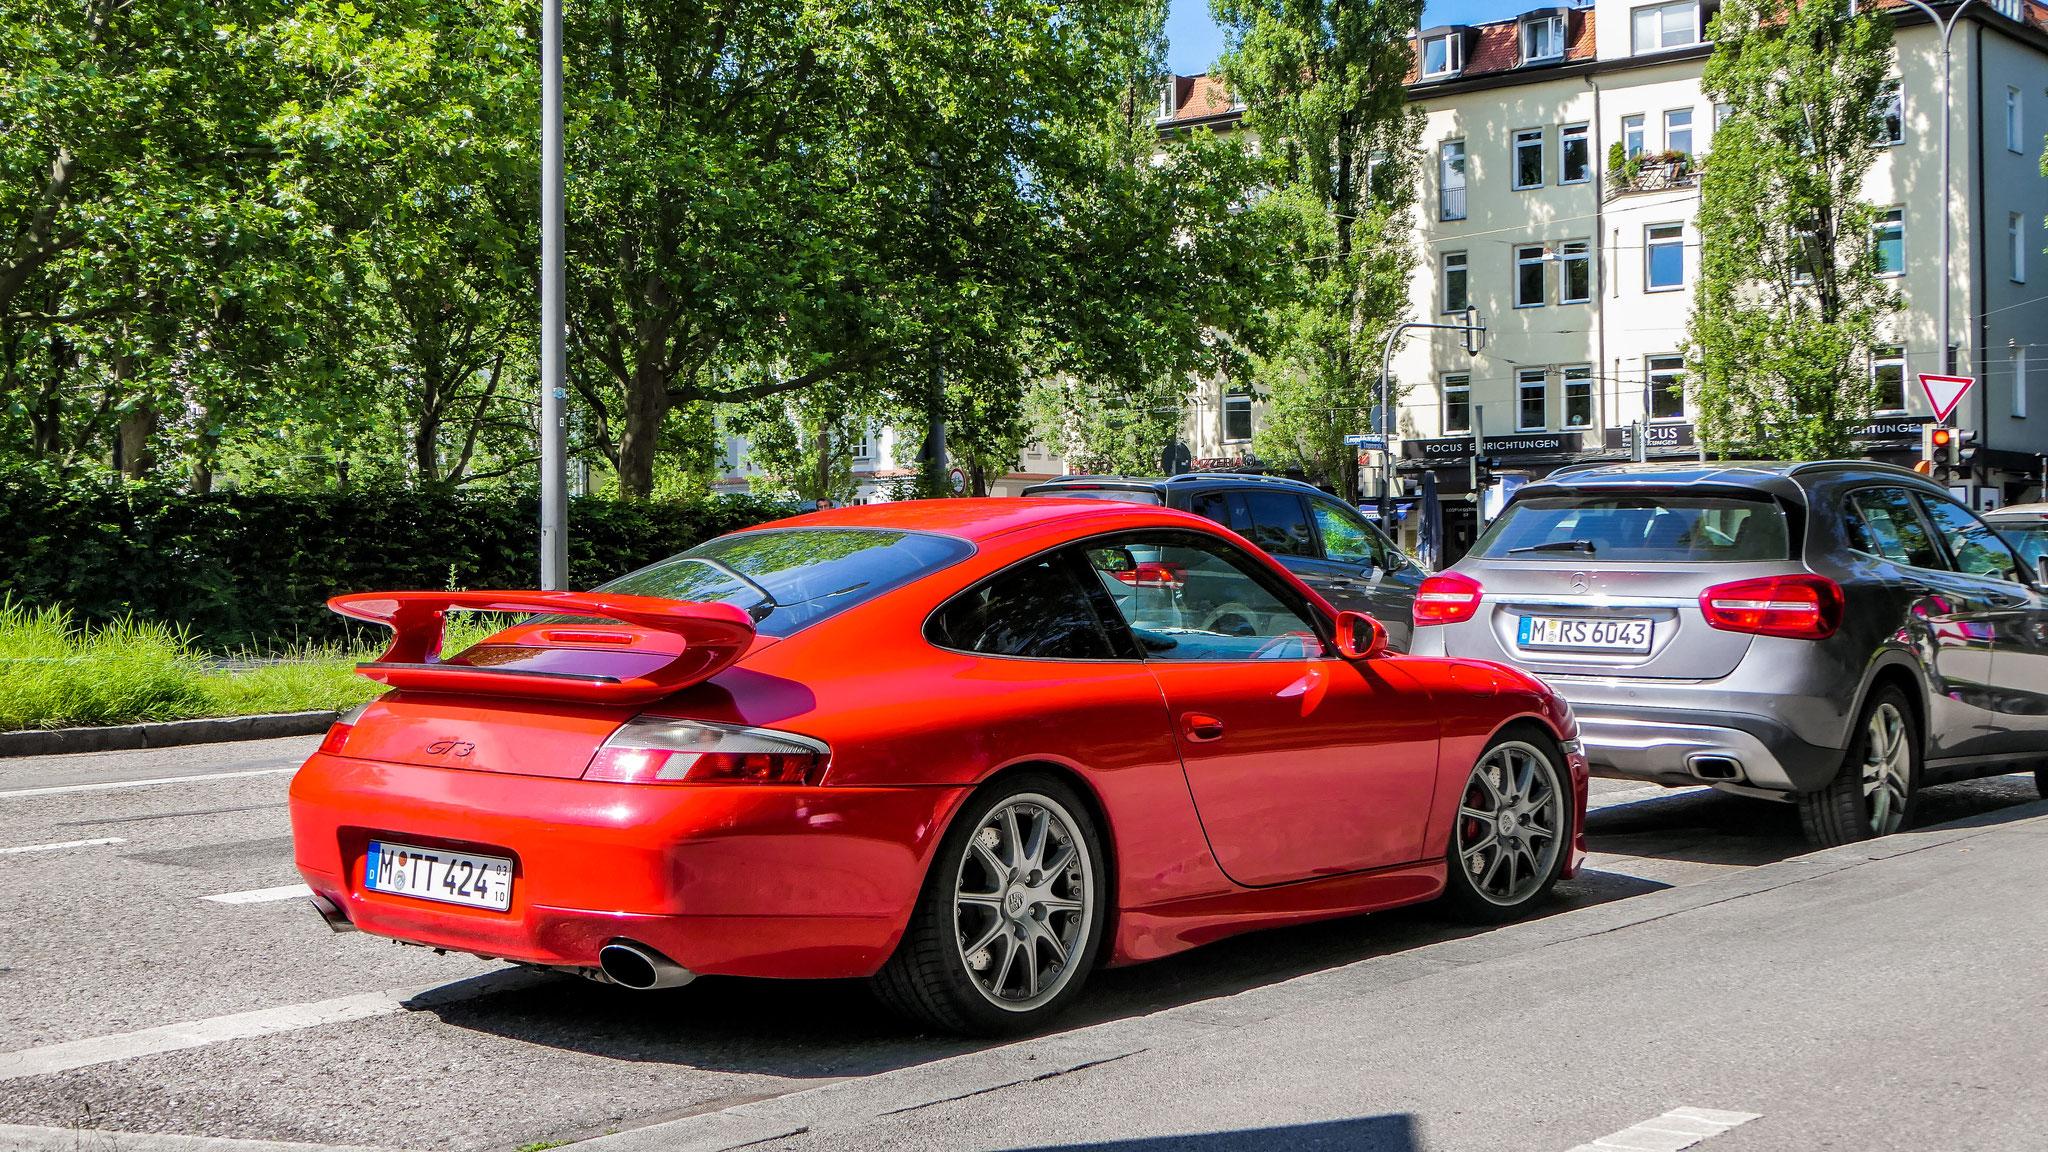 Porsche GT3 996 - M-TT-424